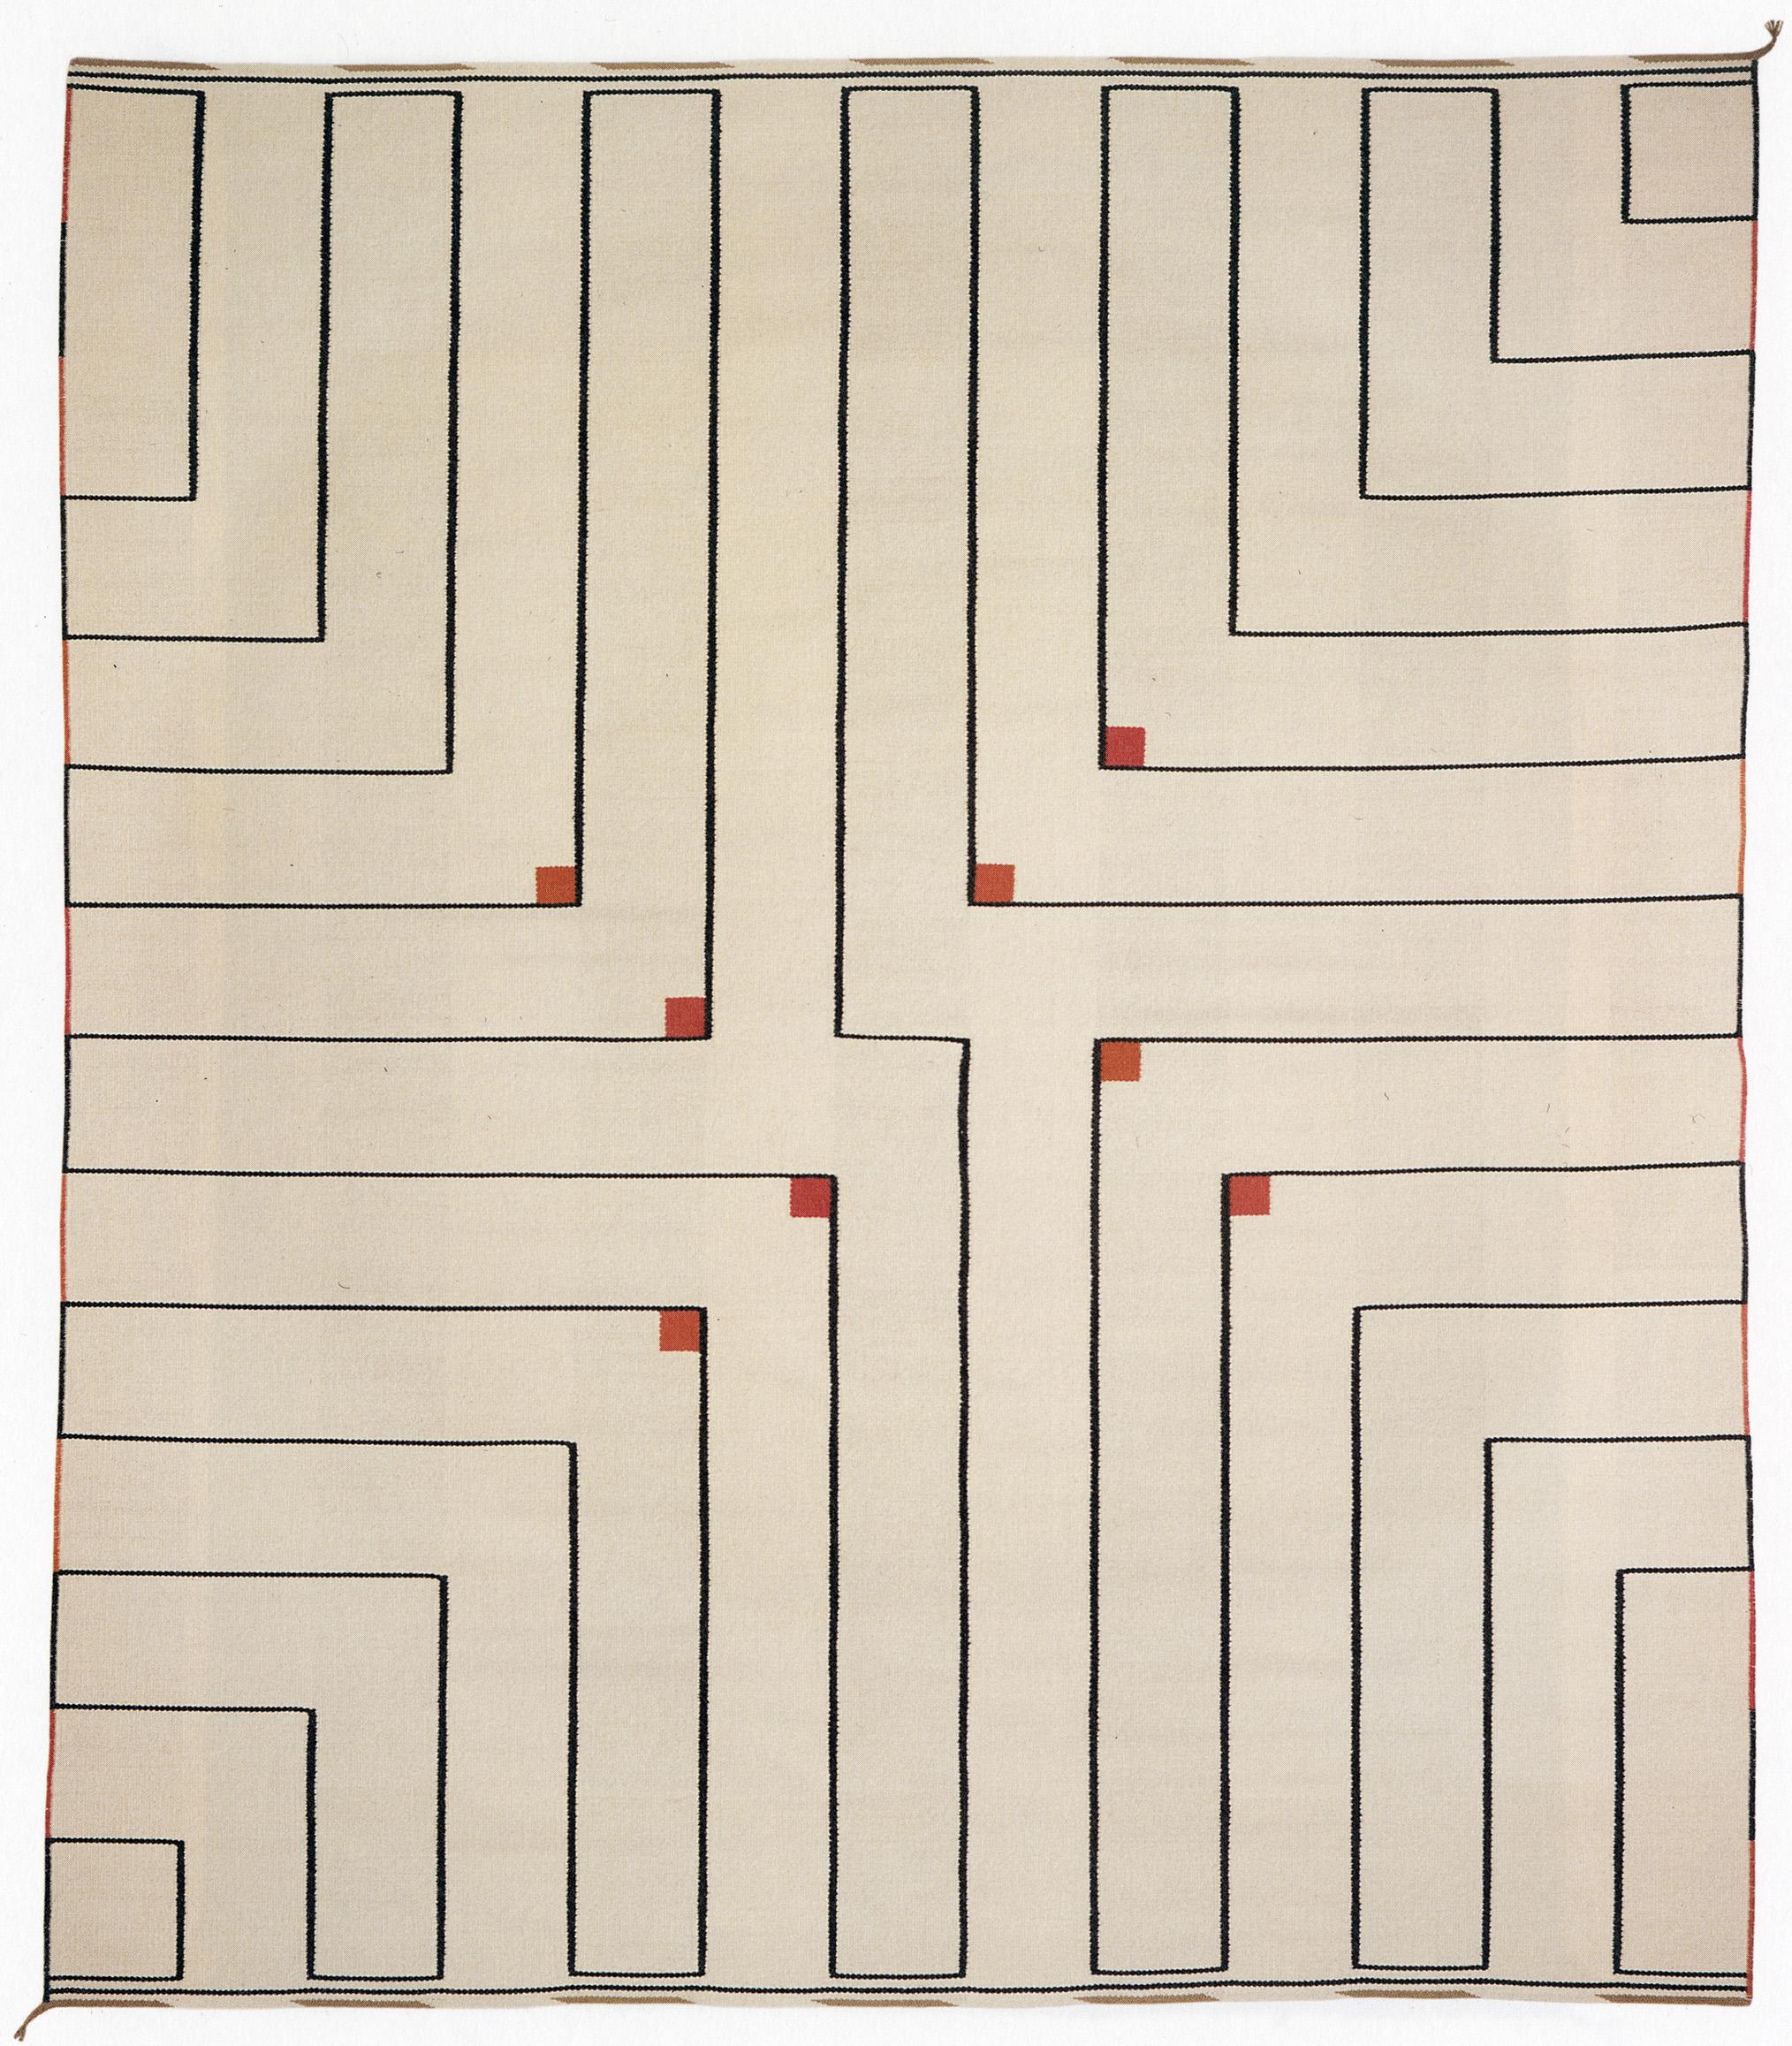 klint-flatwoven-norwegian_spellsau_wool-297x337cm-1987